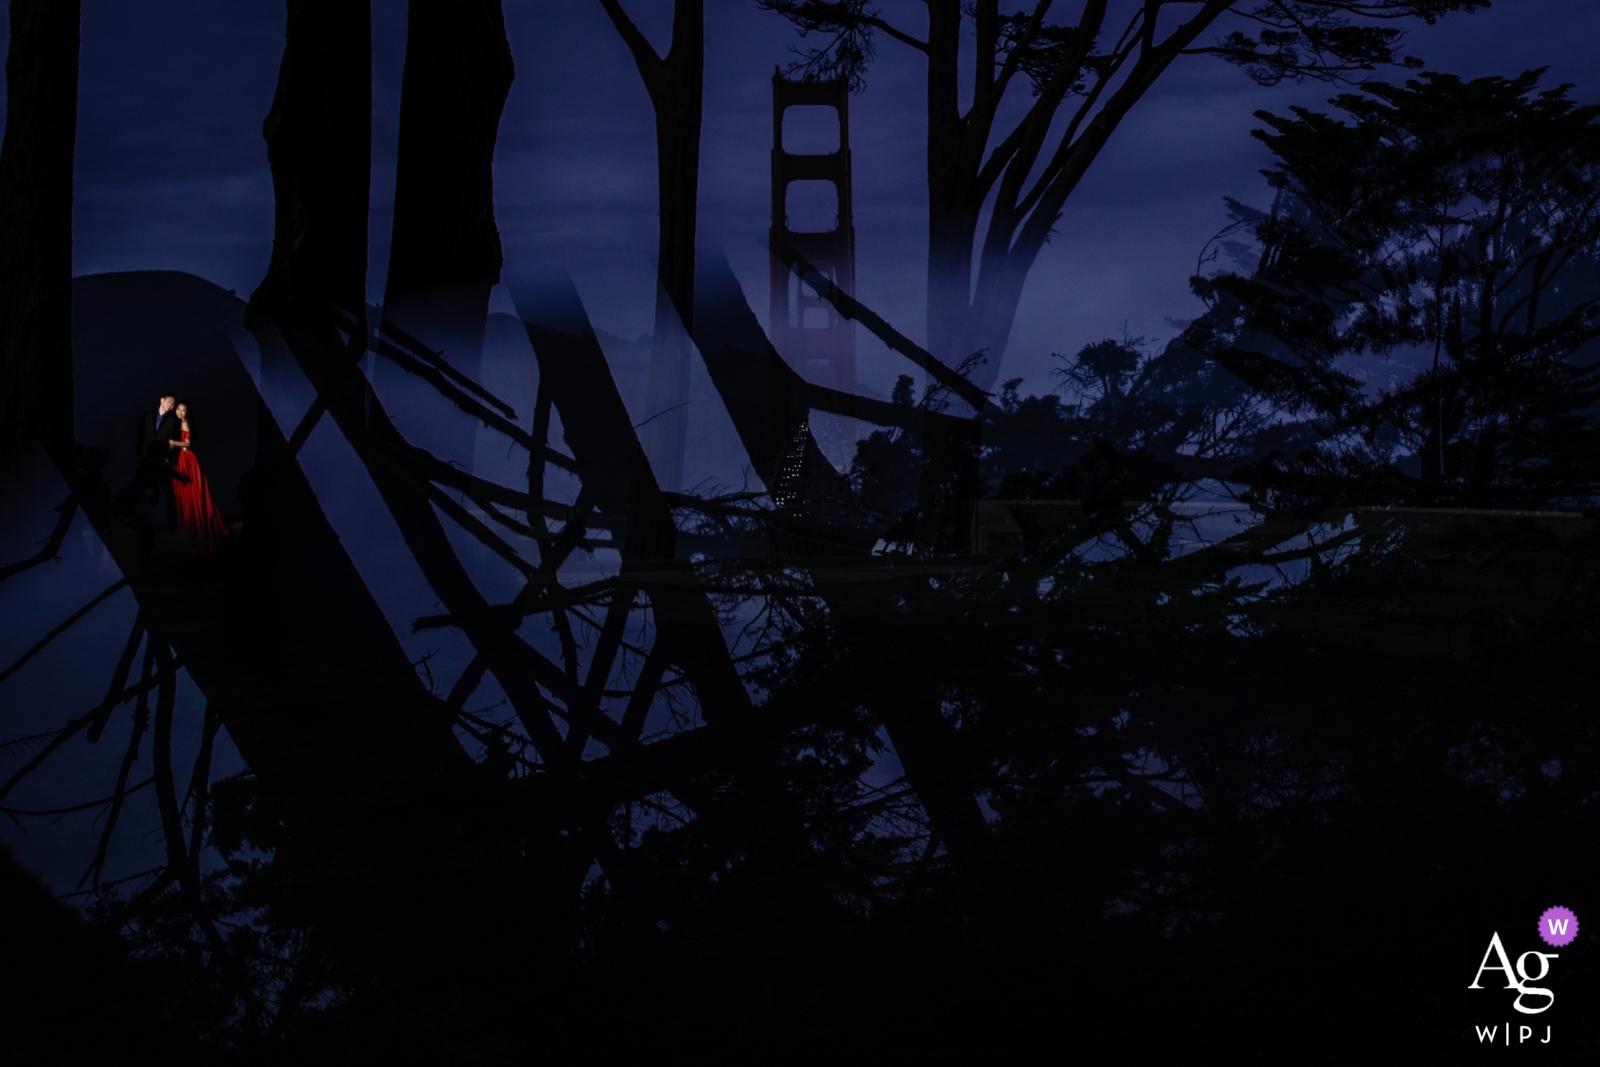 Fotografo della cerimonia di San Francisco - Scatto fotografico attraverso il vetro - non doppia esposizione